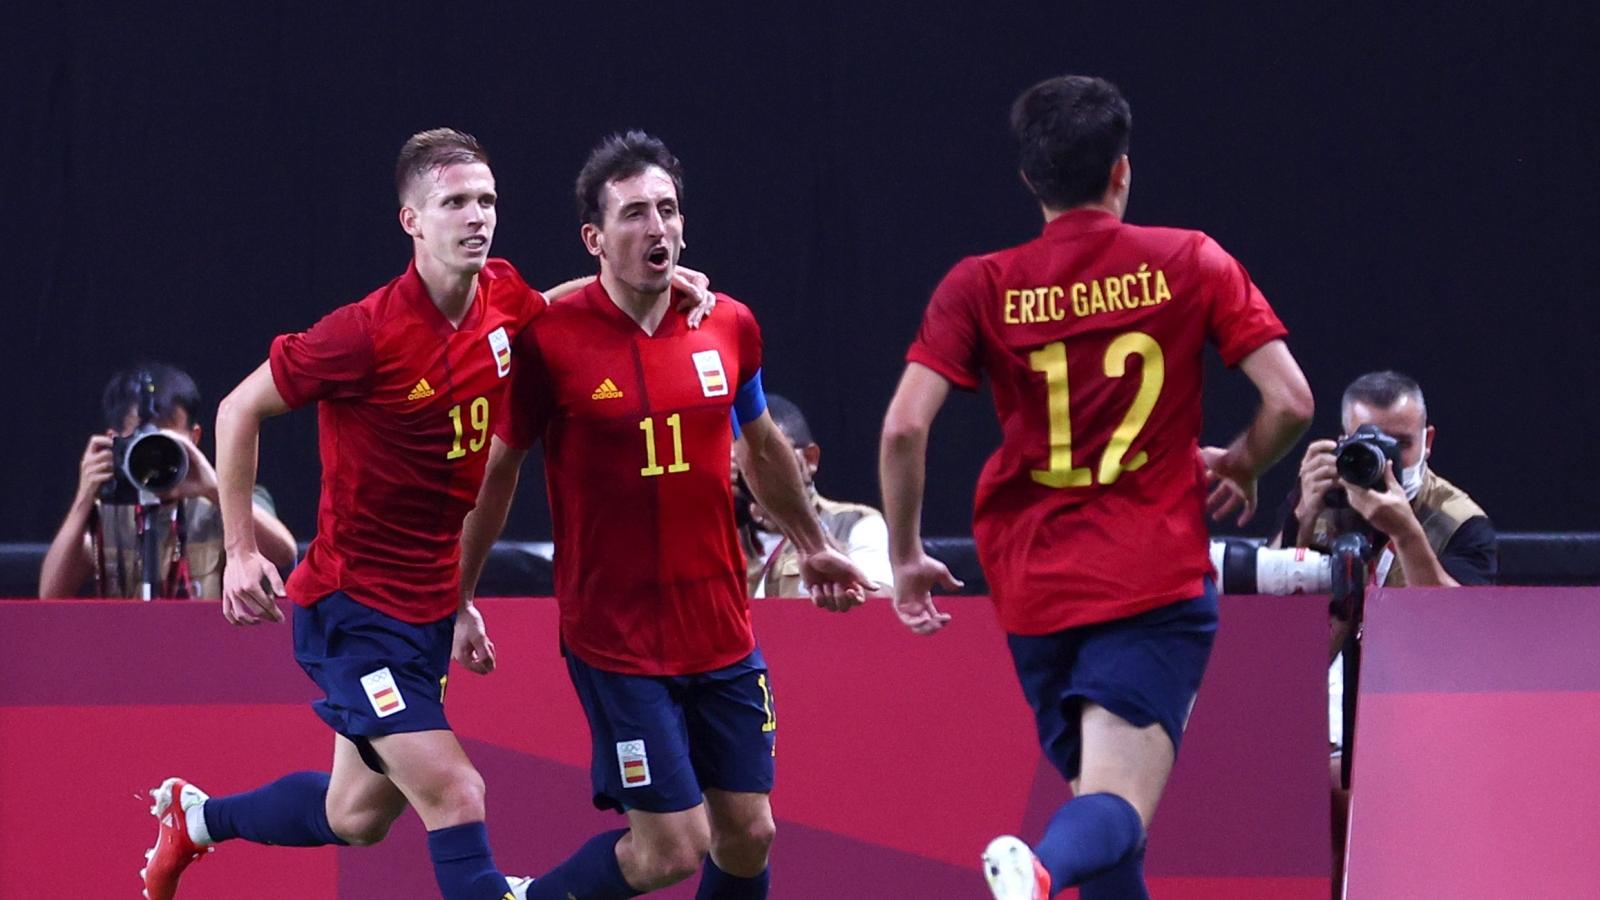 Sao dự EURO tỏa sáng, Tây Ban Nha thắng nhọc Australia ở Olympic Tokyo